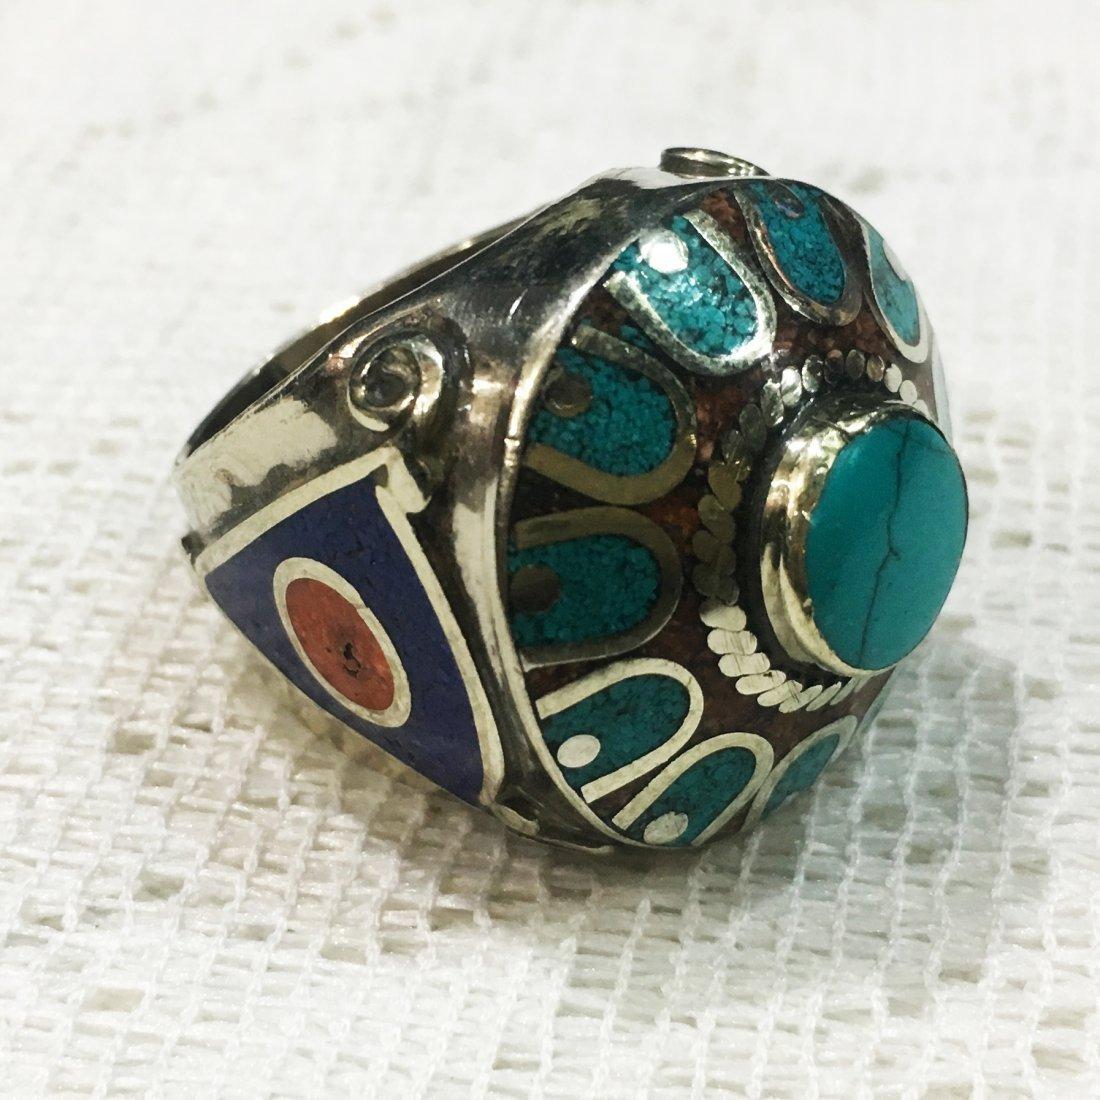 9MM Vintage Tibetan Silver Turquoise & Lapis Ring